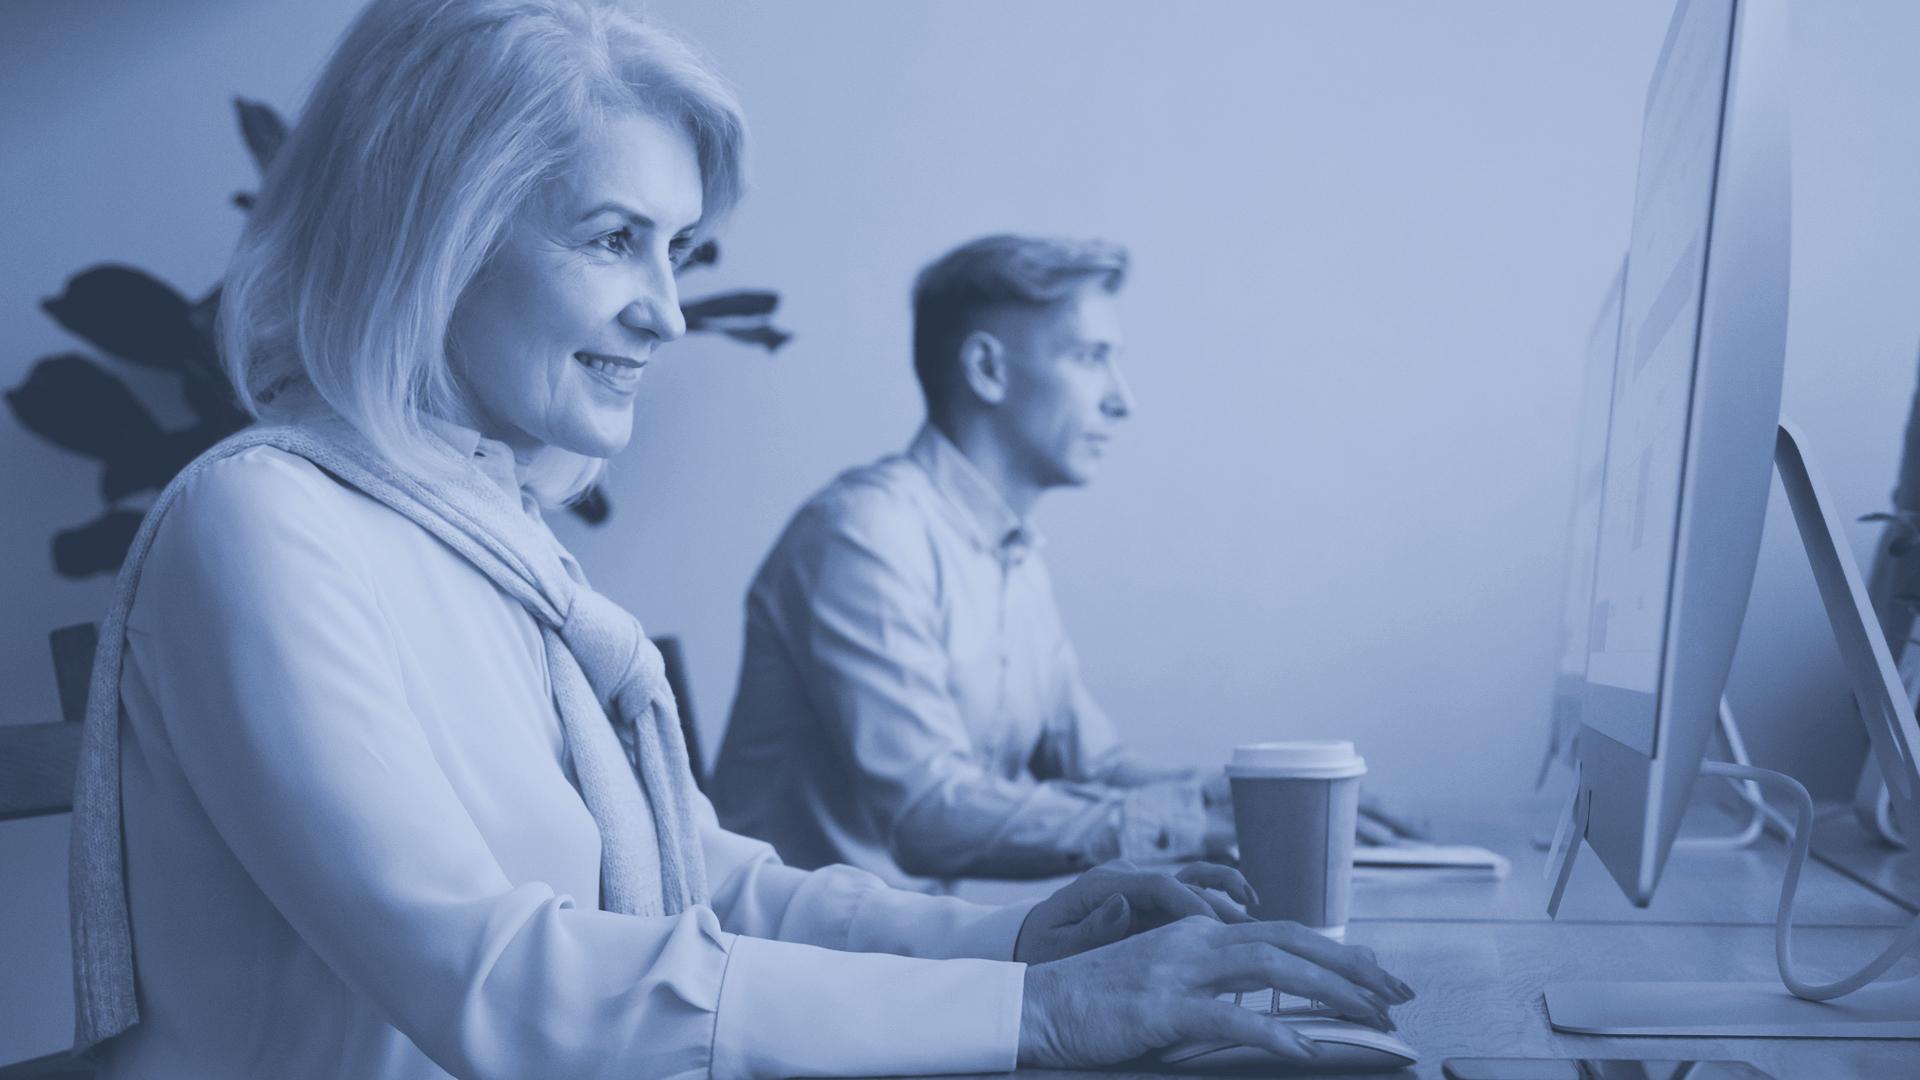 El objetivo es claro, seguir acompañando personal, virtual y tecnológicamente a nuestros clientes de todas las generaciones en su desarrollo para que puedan cumplir sus objetivos. -